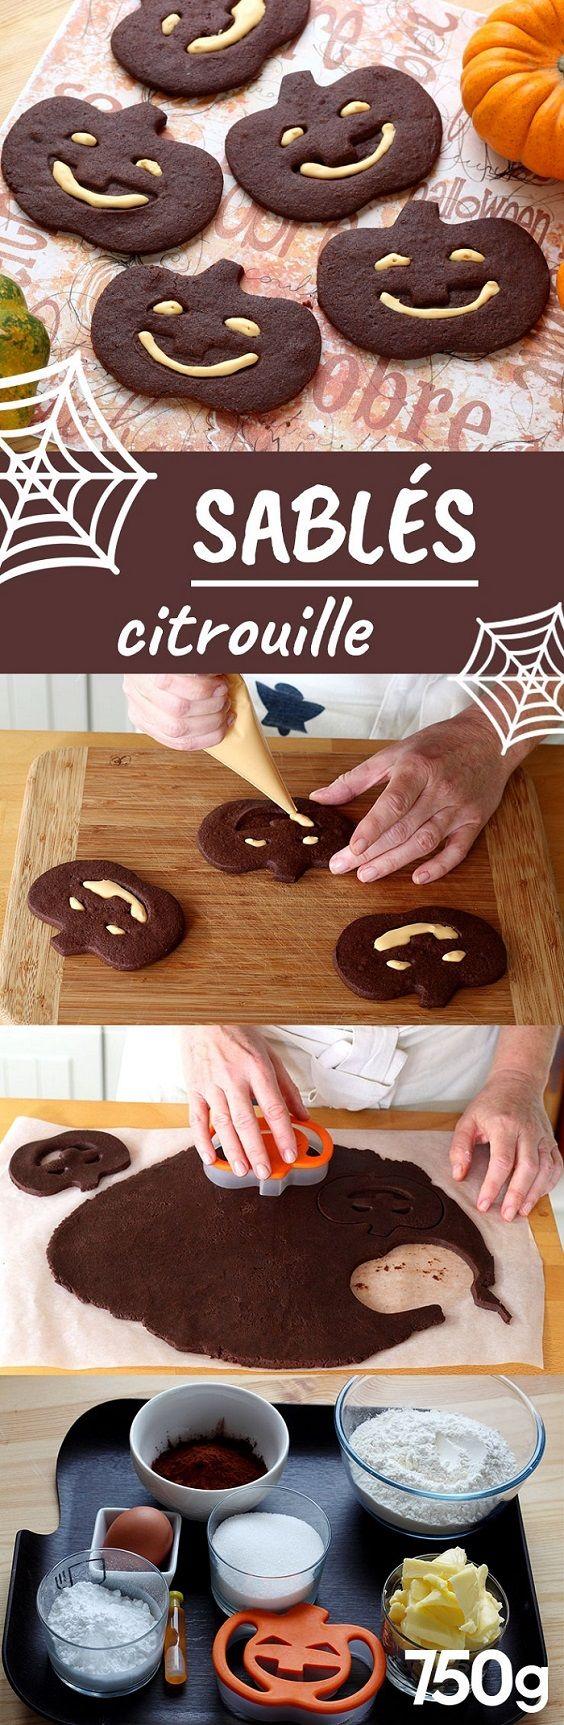 Des sablés au chocolat en forme de citrouille à croquer pour Halloween.